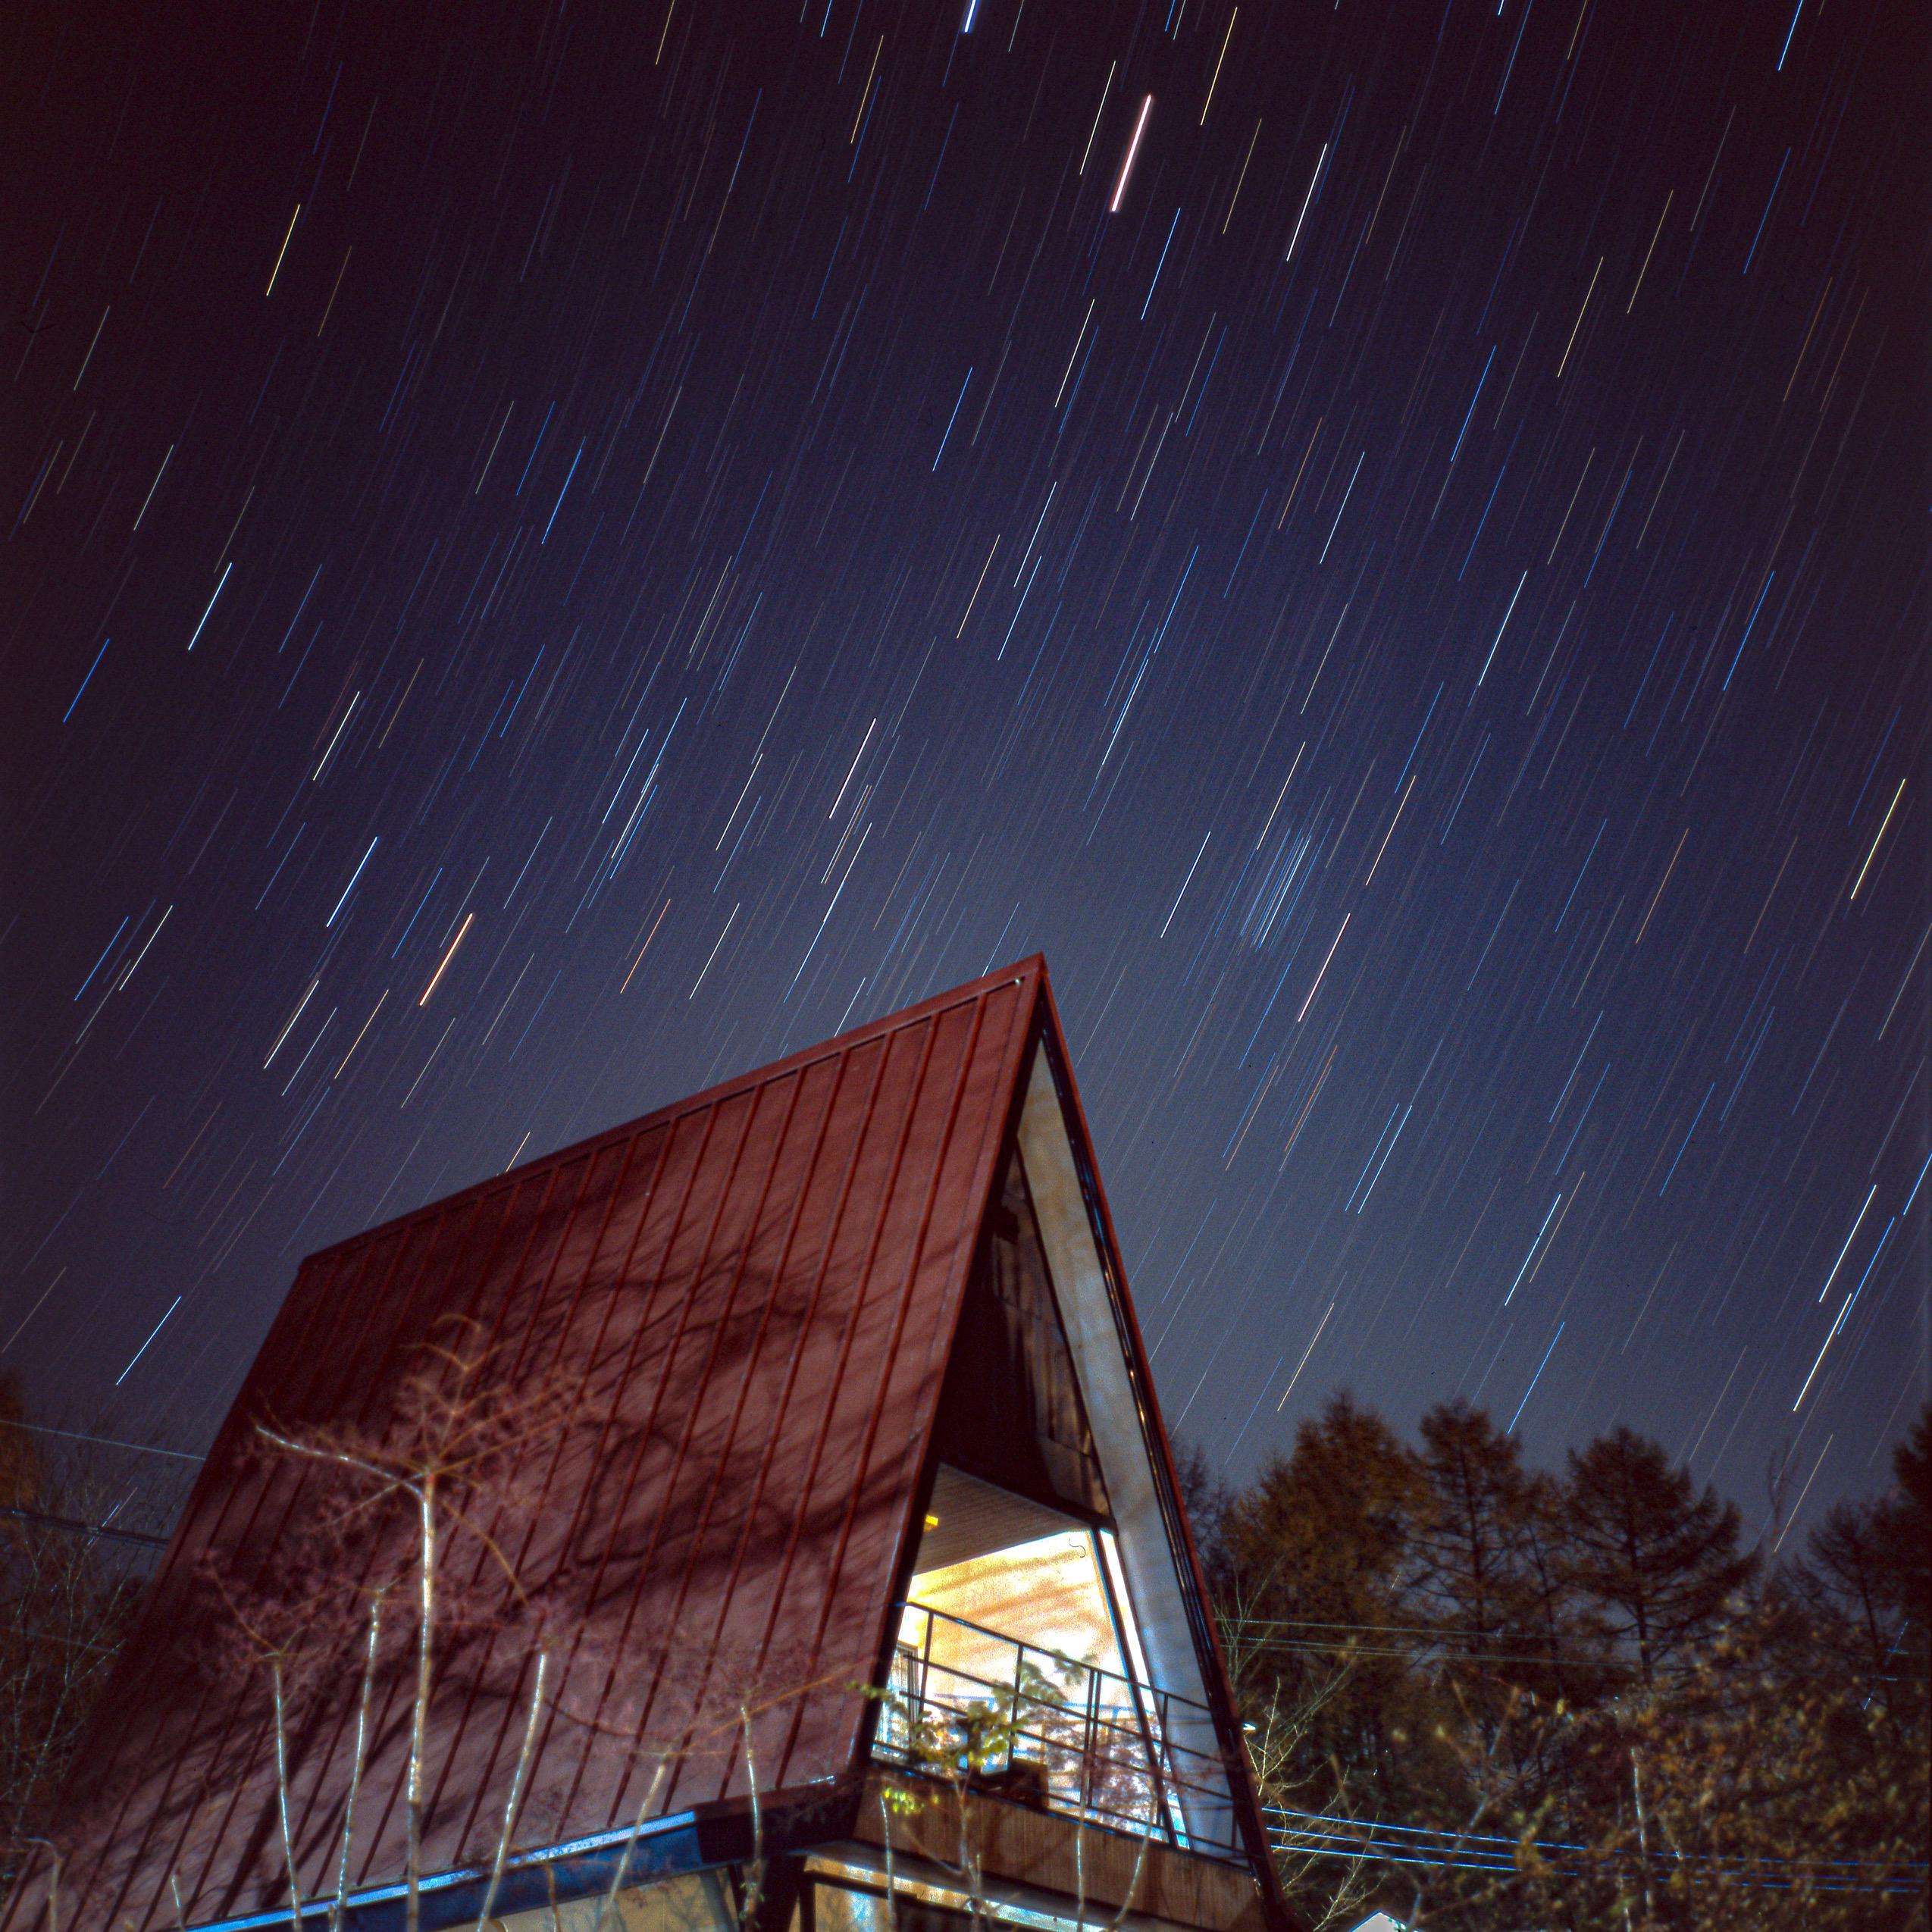 【Go To フォト】フィルムで紅葉と星を撮る【星編】